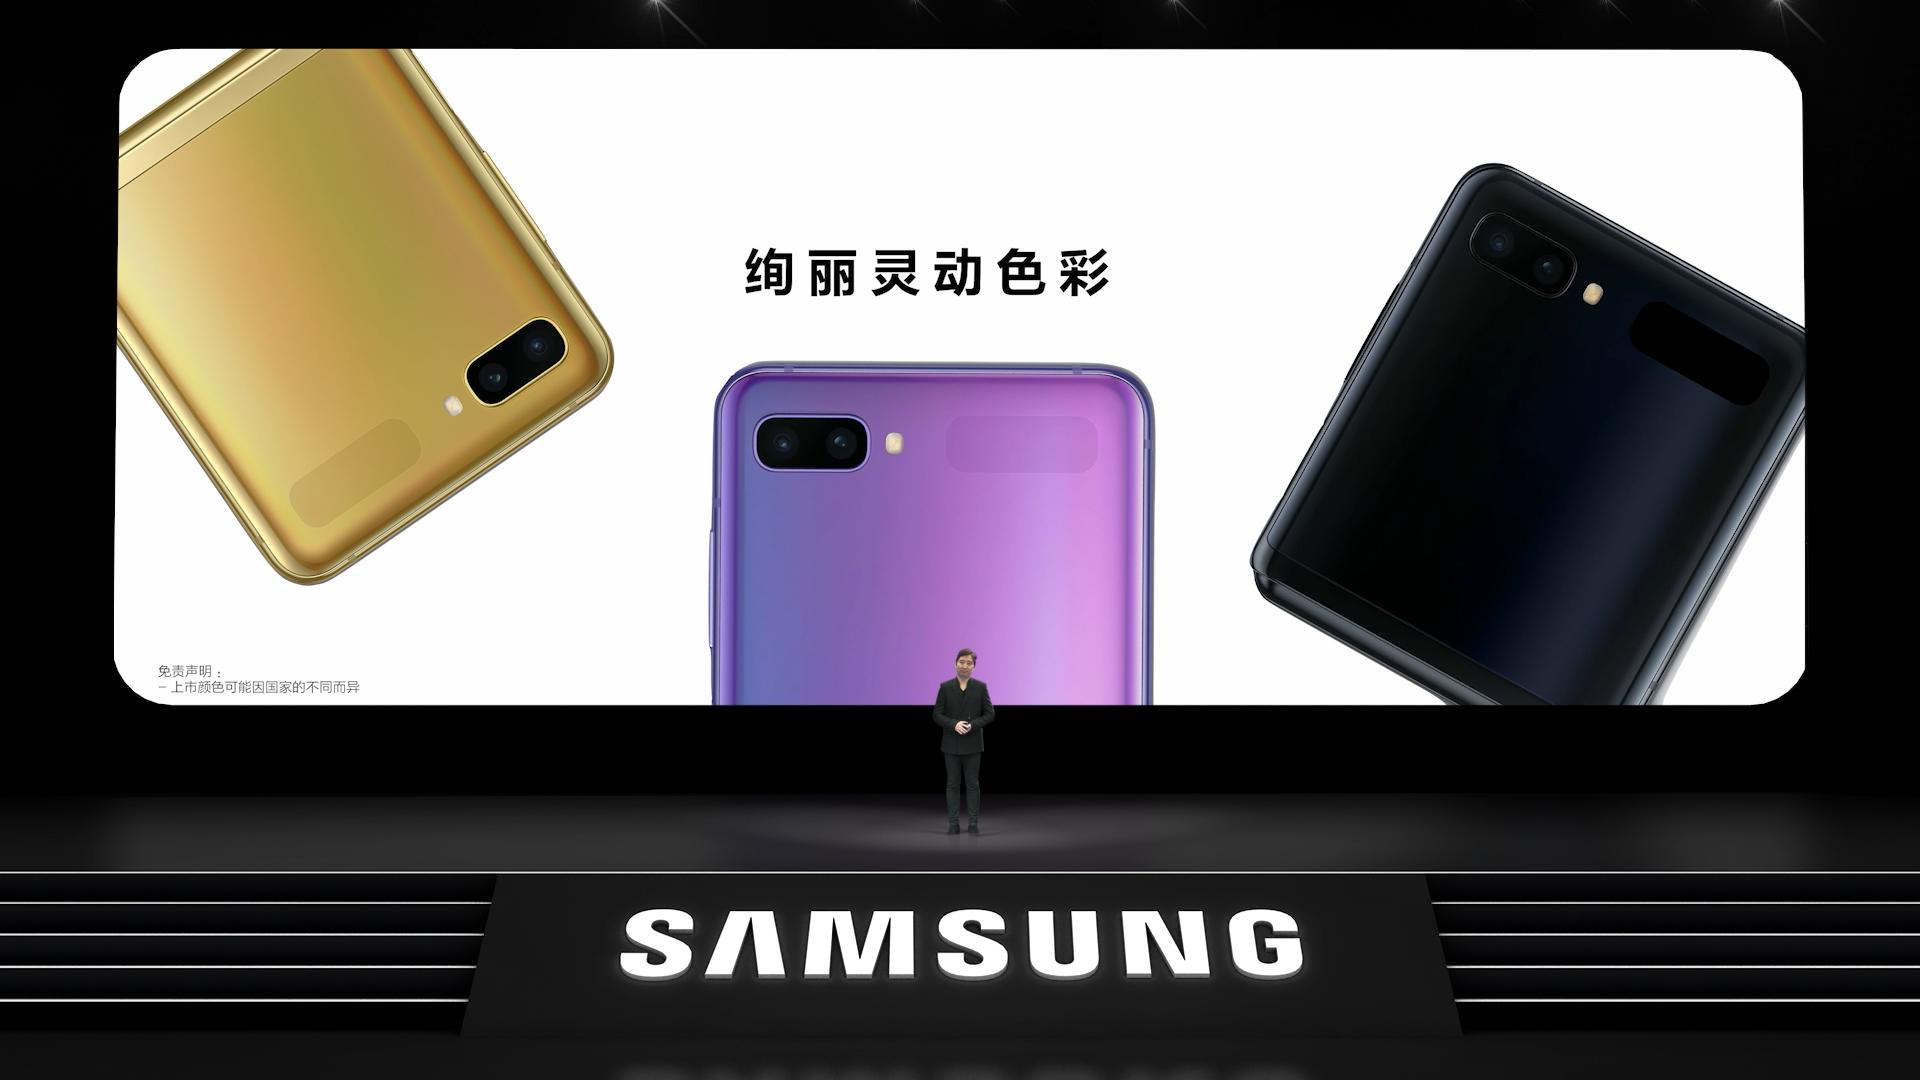 三星 Galaxy S20 6999 元起的中国发行市场价,Ultra 9999元起,香么?